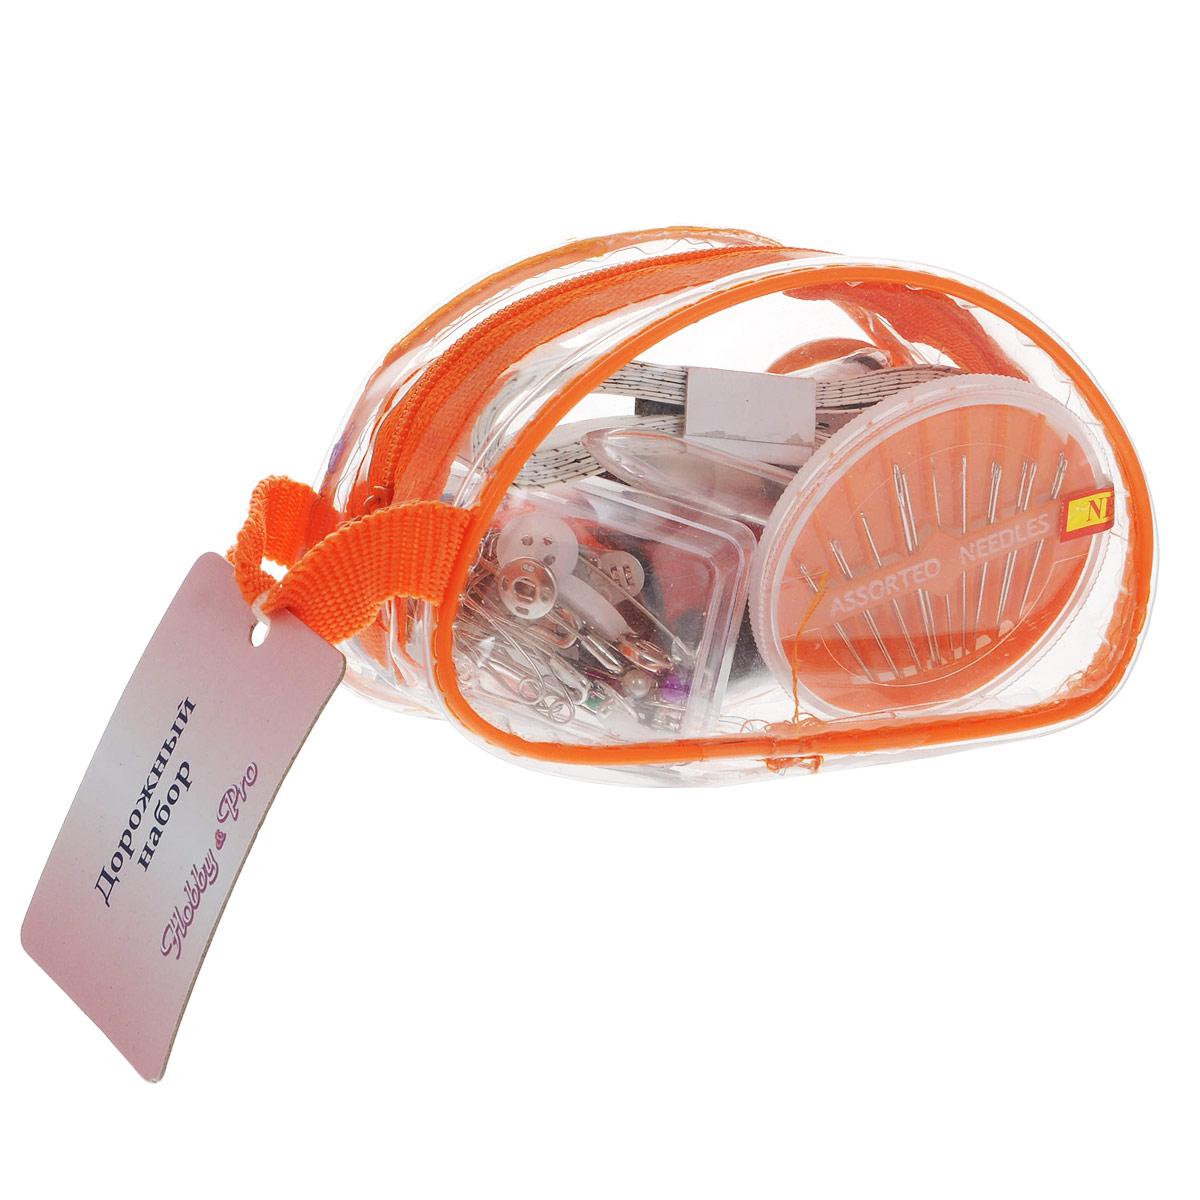 Набор дорожный для шитья Hobby & Pro, цвет: оранжевый. 910120910120Набор дорожный для шитья Hobby & Pro состоит из прозрачной сумочки, выполненной из пластика, внутри которой - компактный набор для шитья. В набор для шитья входит: - сантиметр; - ножницы; - вспарыватель; - наперсток; - нитки (6 цветов); - портновские булавки (17 шт); - безопасные булавки (9 шт); - кнопки (6 комплекта). - крючки и петли (2 комплекта); - пуговицы рубашечные (6 шт); - нитковдеватель; - набор швейных игл. Такой набор отлично подойдет к любой поездке. Размер сумки (ДхШхВ): 11 см х 5 см х 6,5 см. Длина ножниц: 9 см. Длина портновских булавок: 3,5 см. Длина безопасных булавок: 3 см. Диаметр пуговиц: 1,1 см. Диаметр кнопок: 0,8 см. Средняя длина иголок: 3,3 см. Длина вспарывателя: 9 см. Размер нитковдевателя (ДхШхВ): 4,2 см х 0,1 см х 1,2 см. Размер наперстка (ДхШхВ): 1,7 см х 1,7 см х 1,8 см. Длина ленты: 150 см.